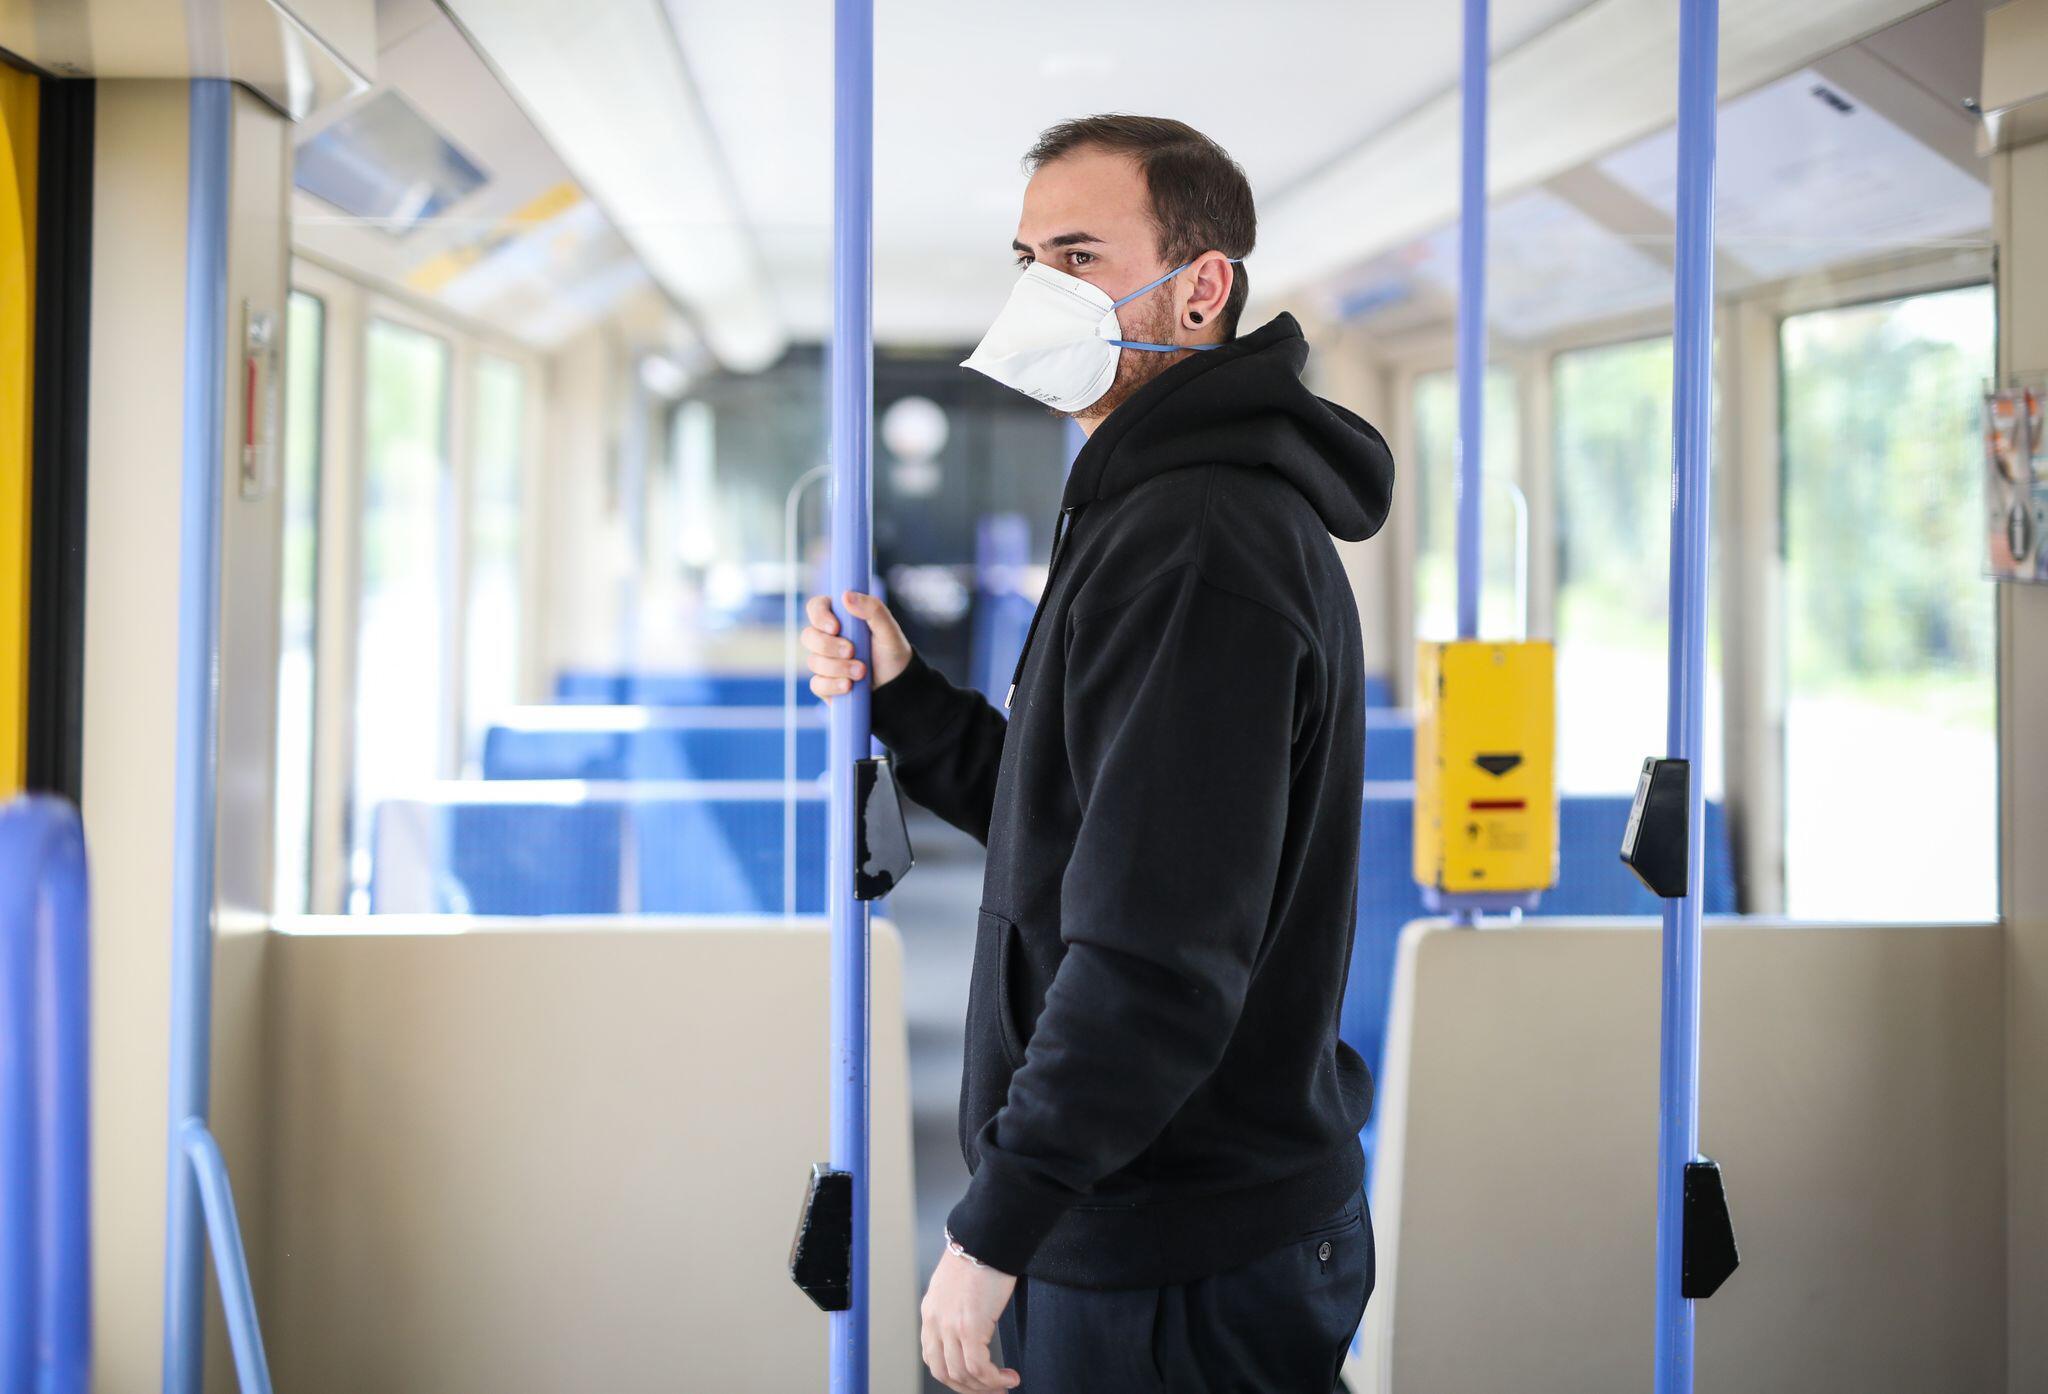 Bild zu Atemschutzmaske in öffentlichen Verkehrsmitteln